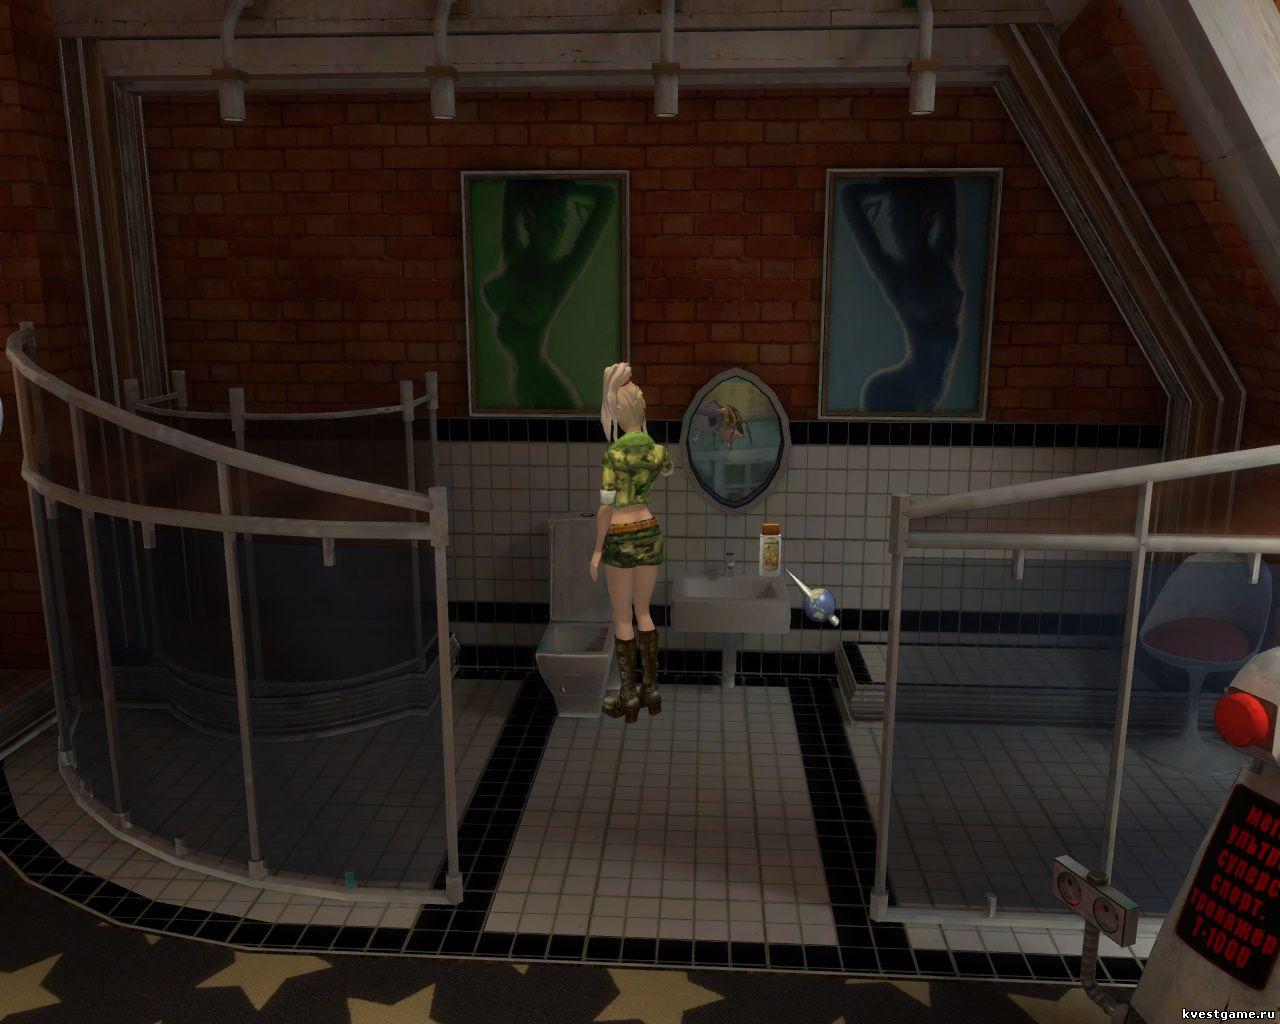 Петька 9 - ванная комната в квартире маньяка (уровень 1)